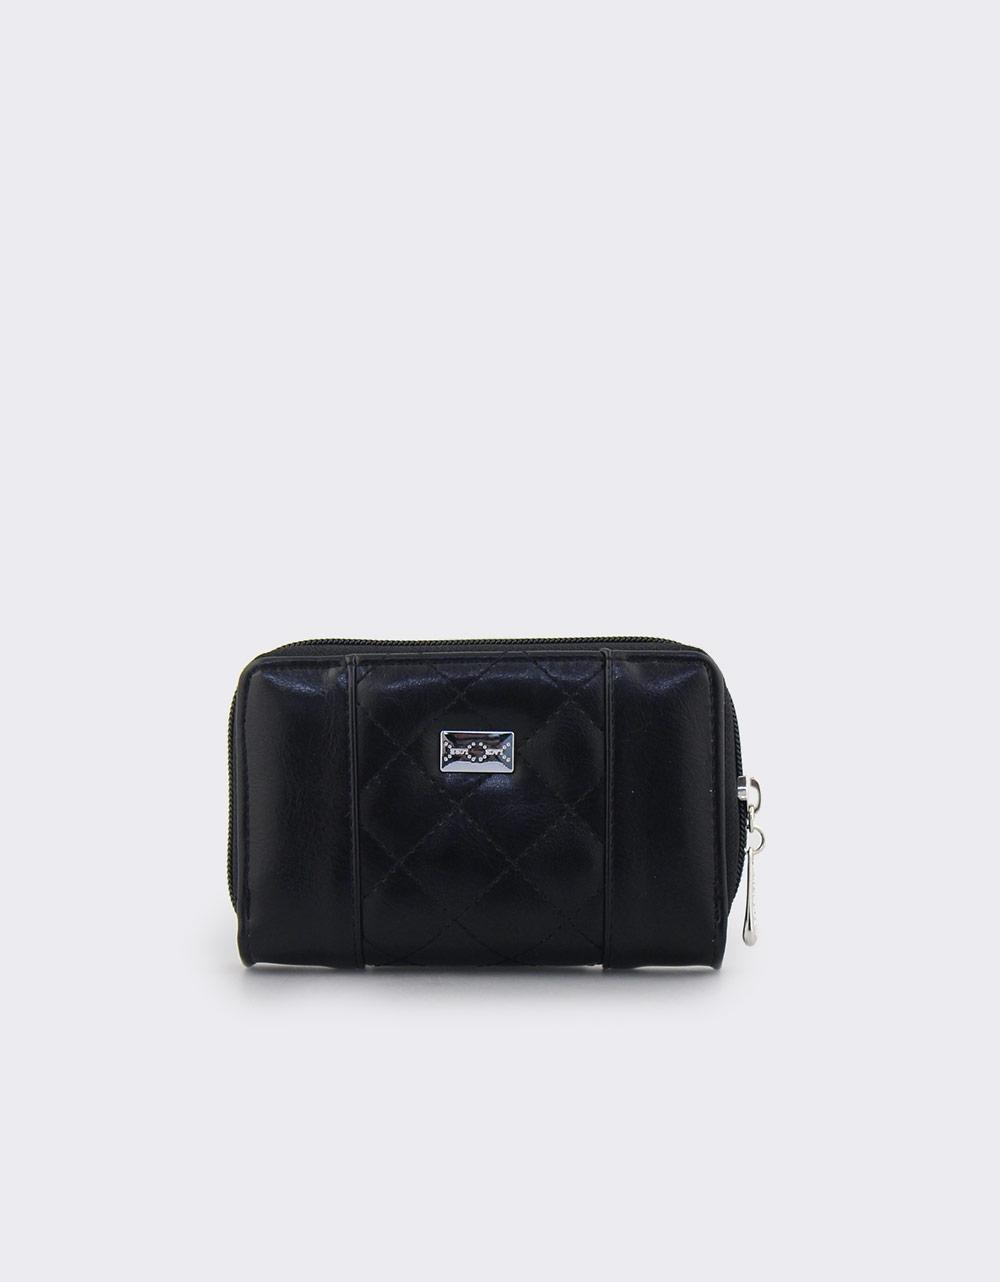 Εικόνα από Γυναικεία πορτοφόλια με καπιτονέ λεπτομέρεια Μαύρο